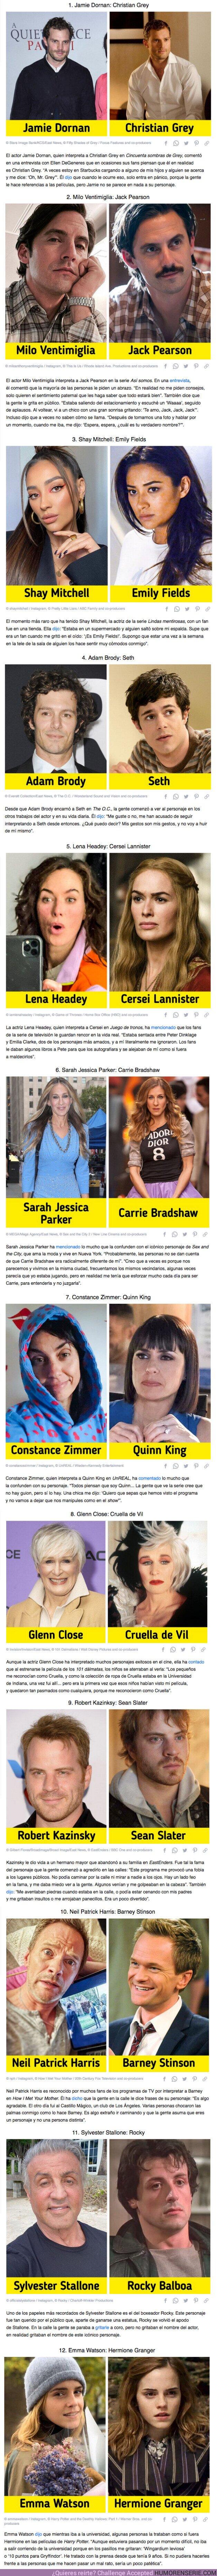 71017 - GALERÍA:12 Actores que suelen ser confundidos con el personaje más famoso que interpretaron